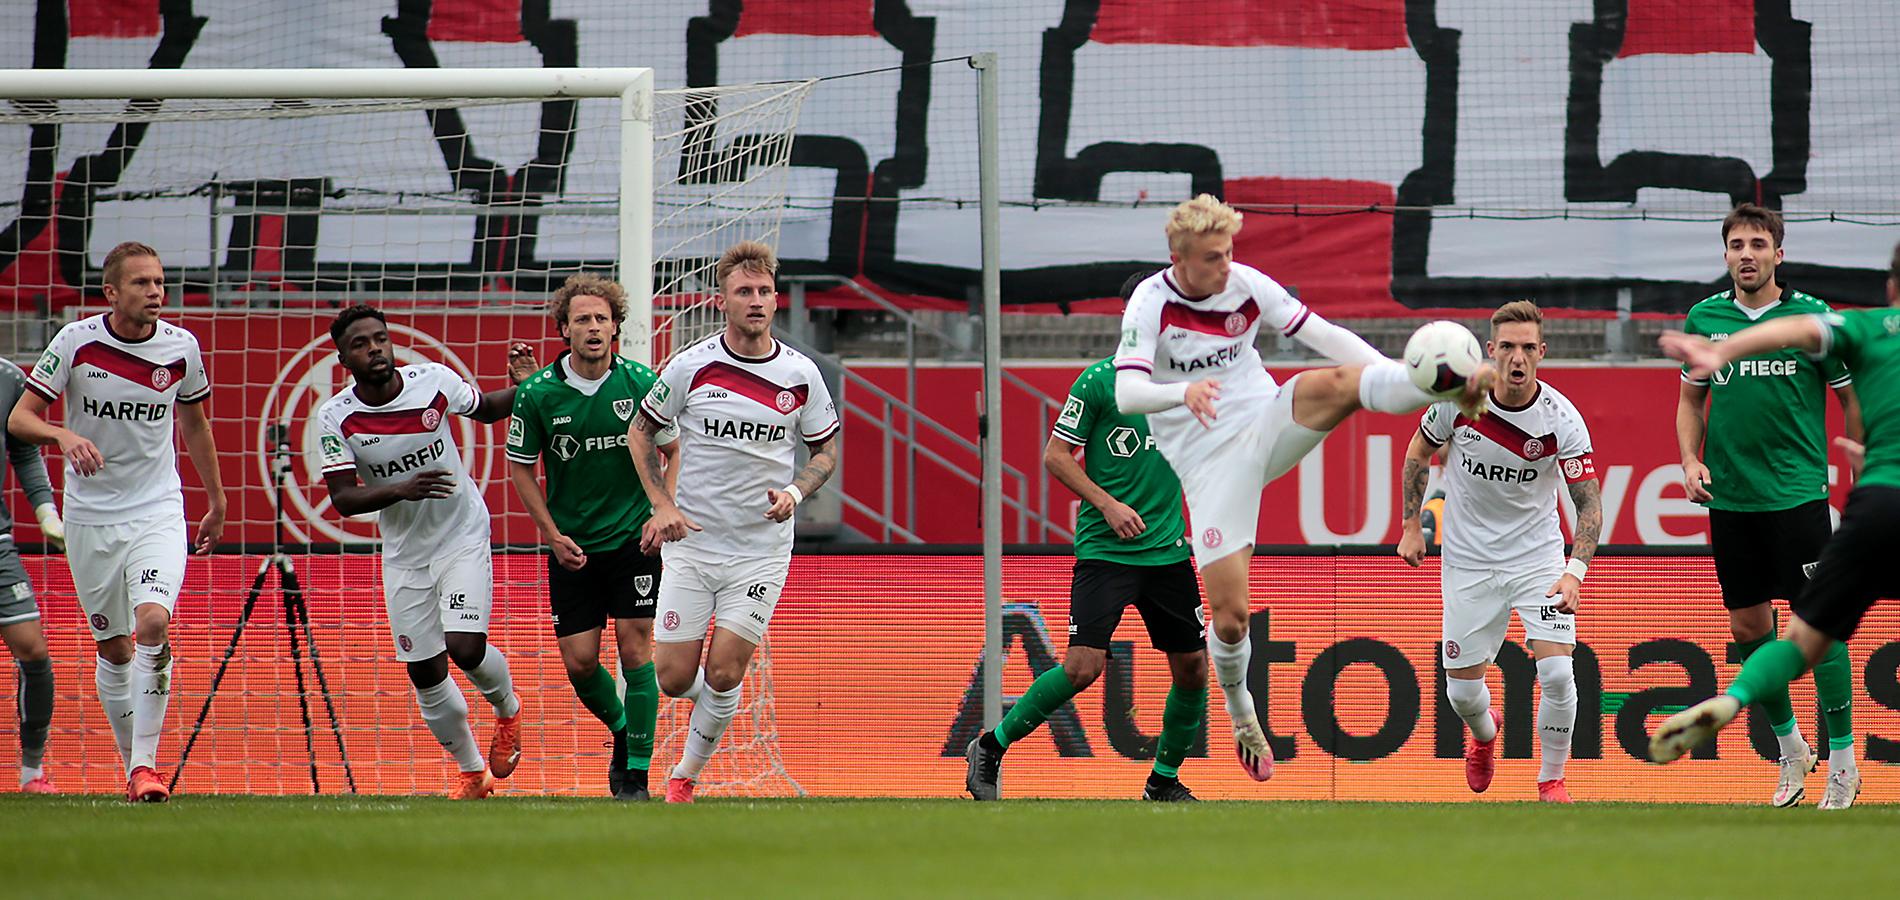 Zufrieden nach dem Spiel: Cedric Harenbrock. (Foto: Endberg)